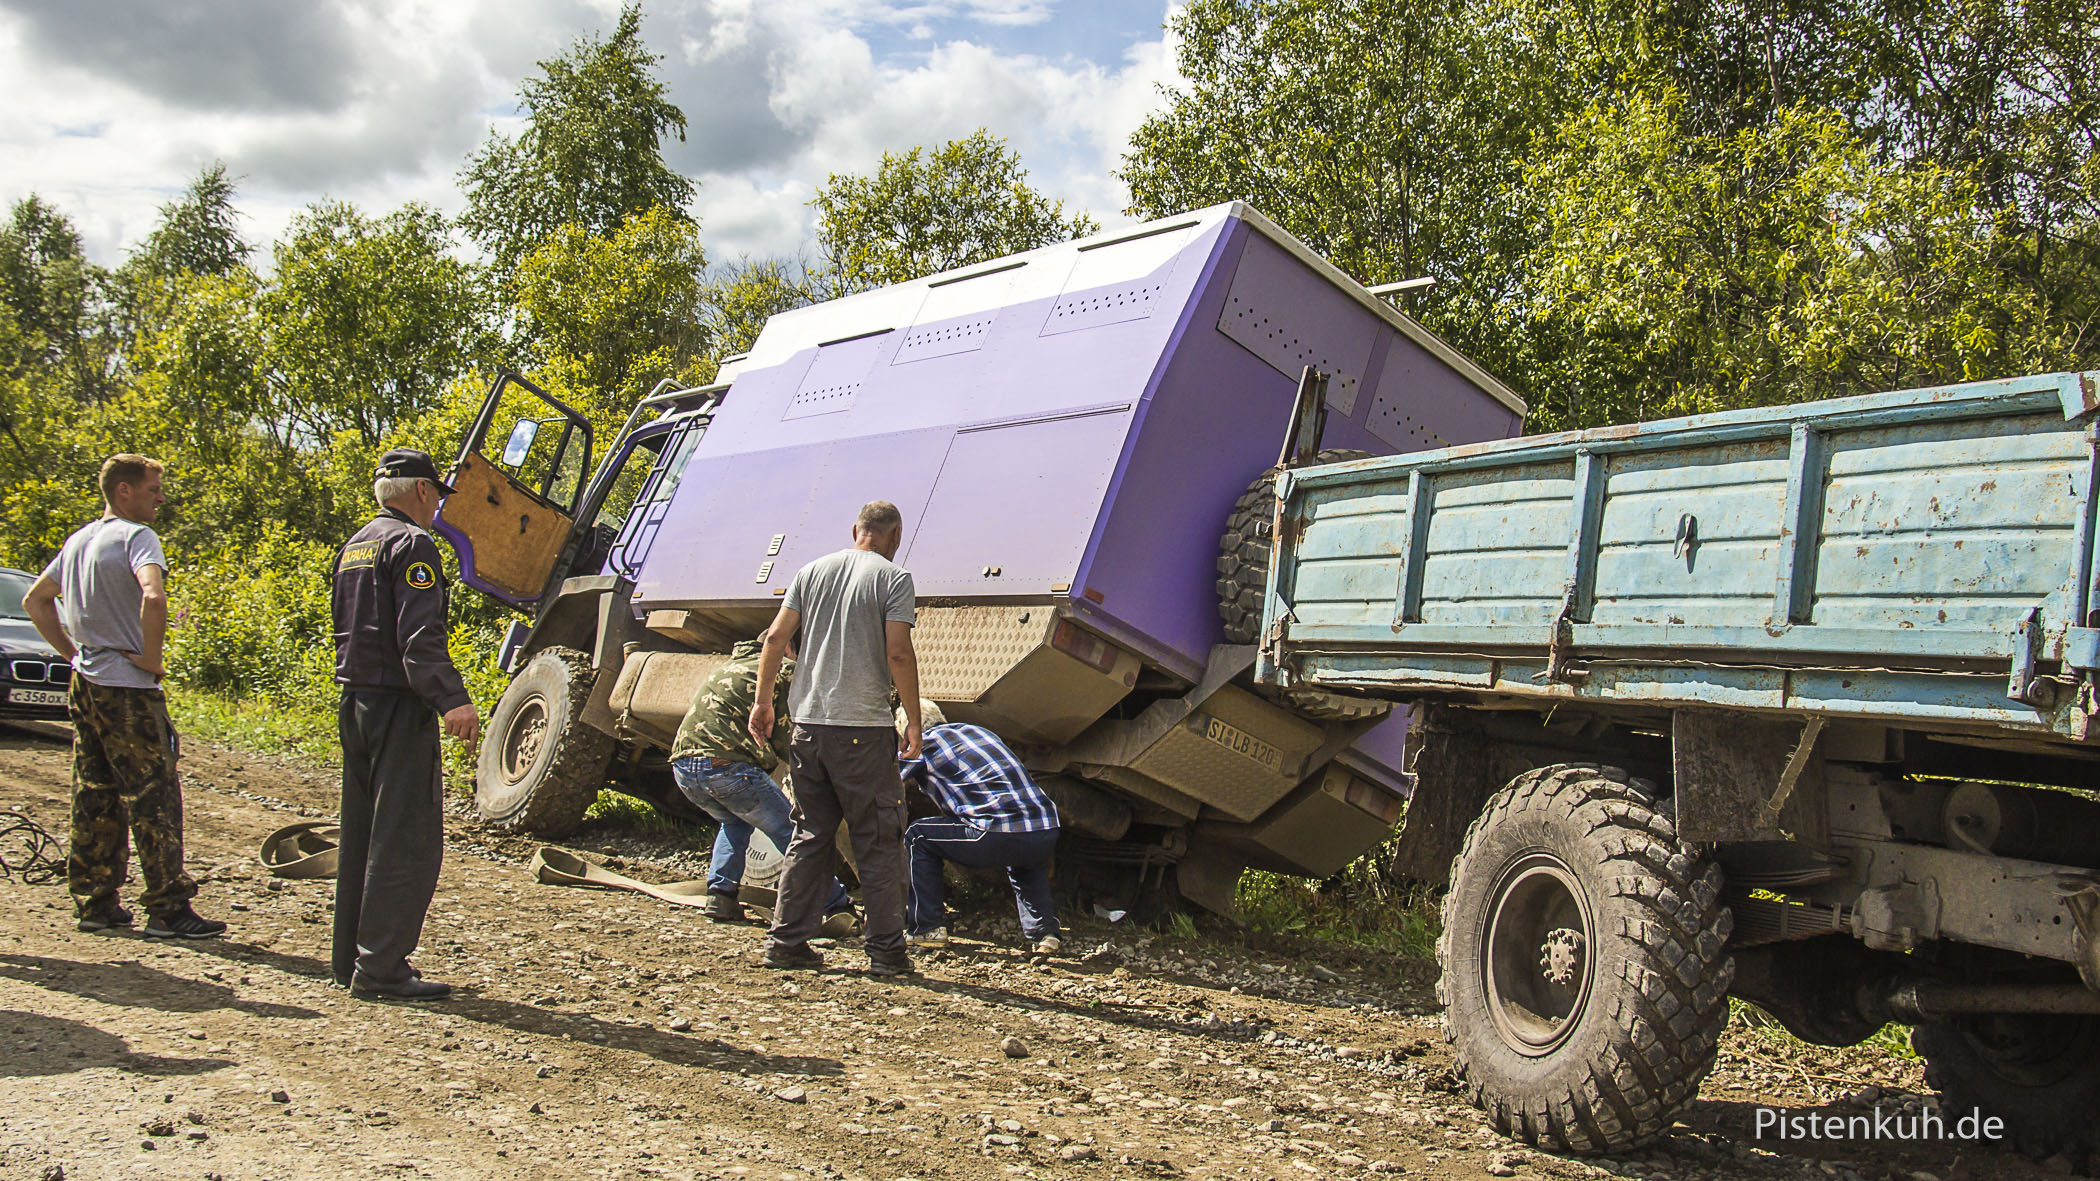 Wir befestigen den Bergegurt am Federlager, dann ein kräftiges Ziehen mit dem GAZ und die Kuh ist frei.